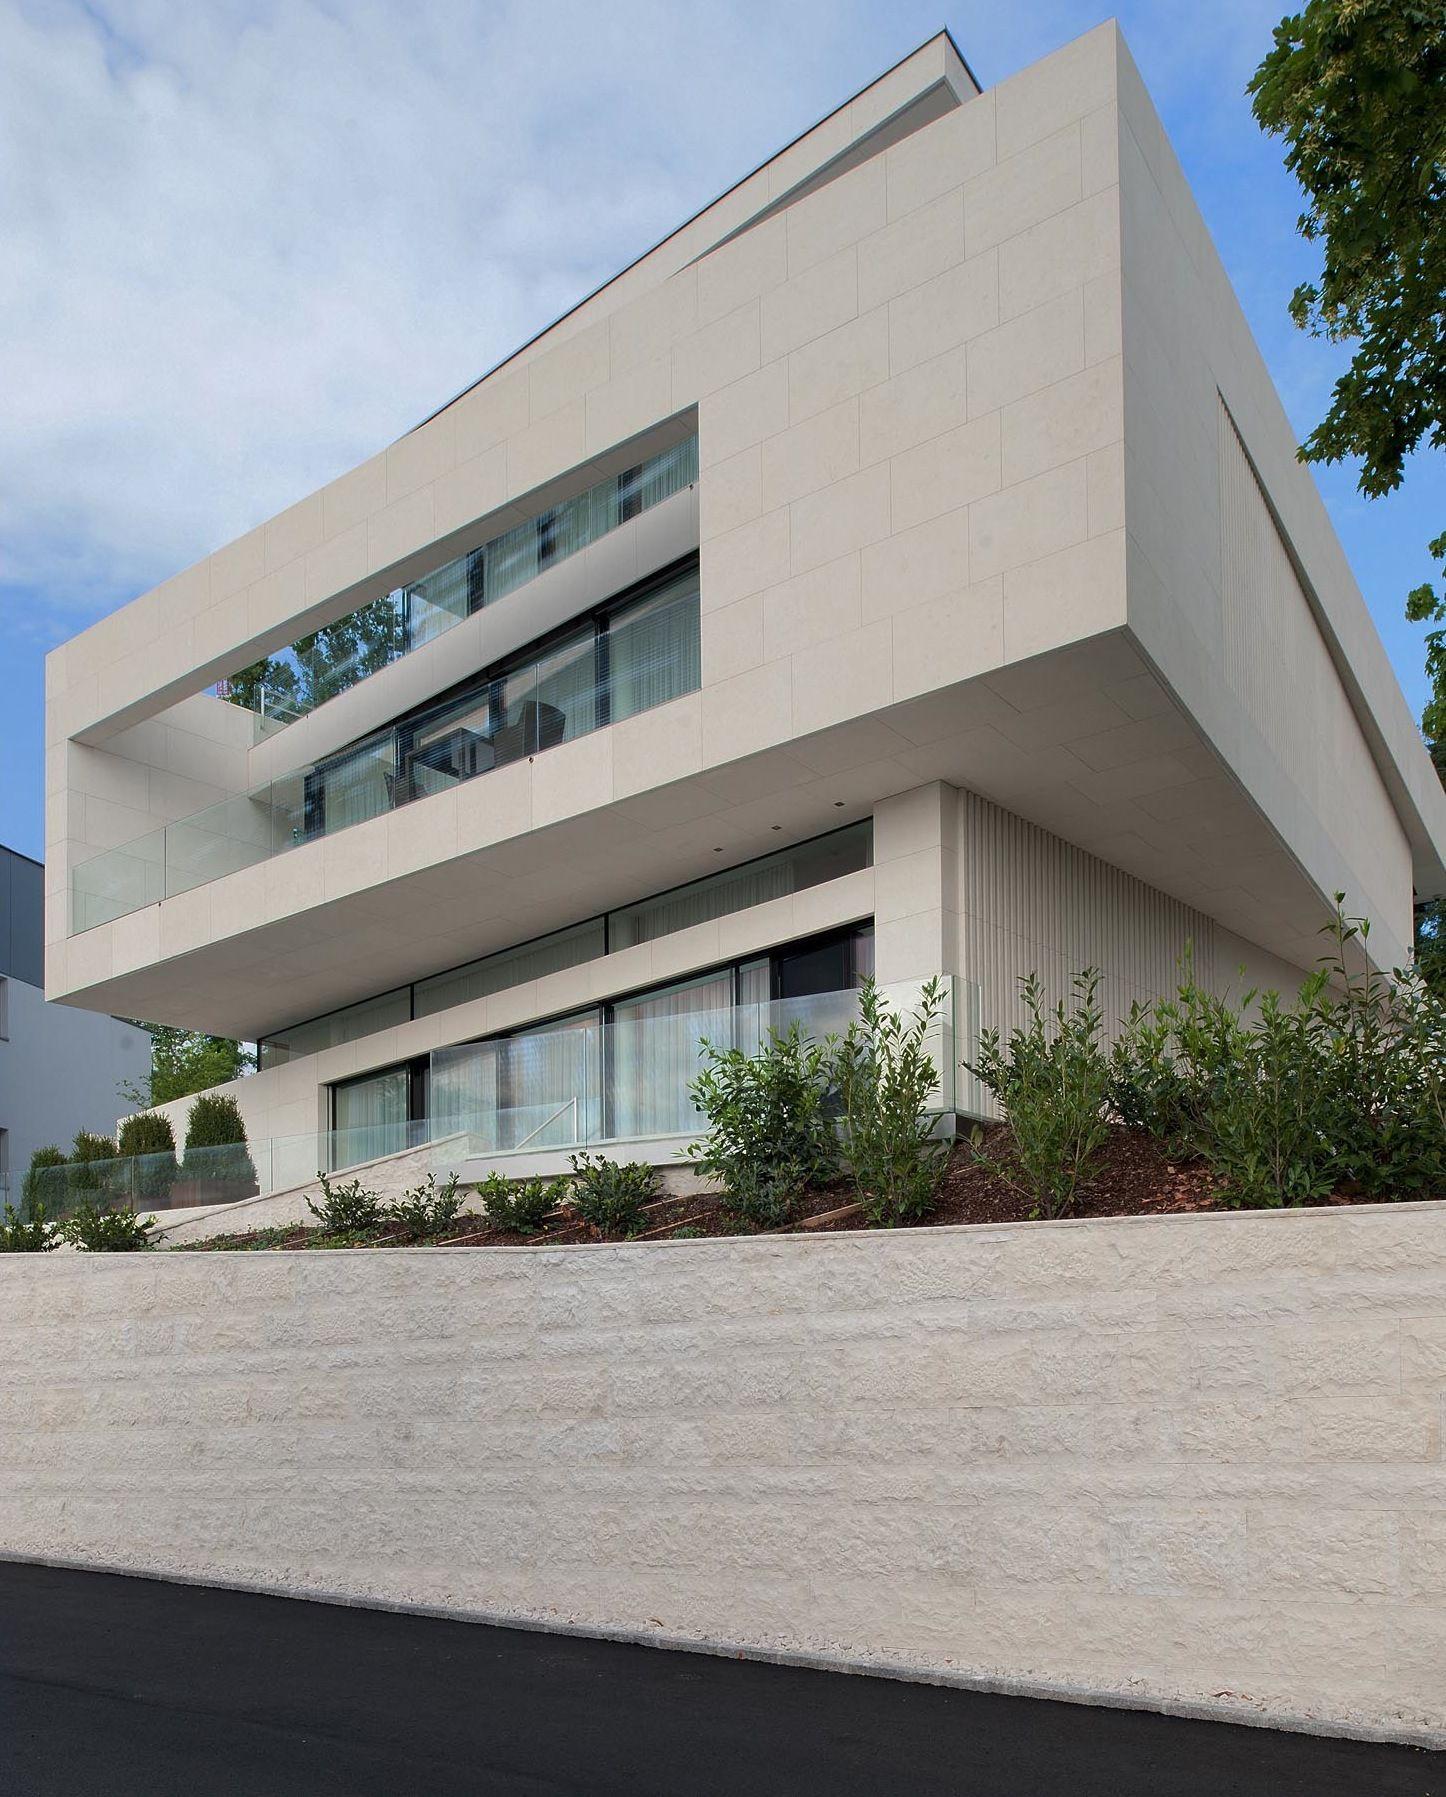 51926222b3fc4b53ed000059_villa-upper-austria-two-in-a-box-architekten_villa_upper_austria_-_02_-_two_in_a_box_-_architekten